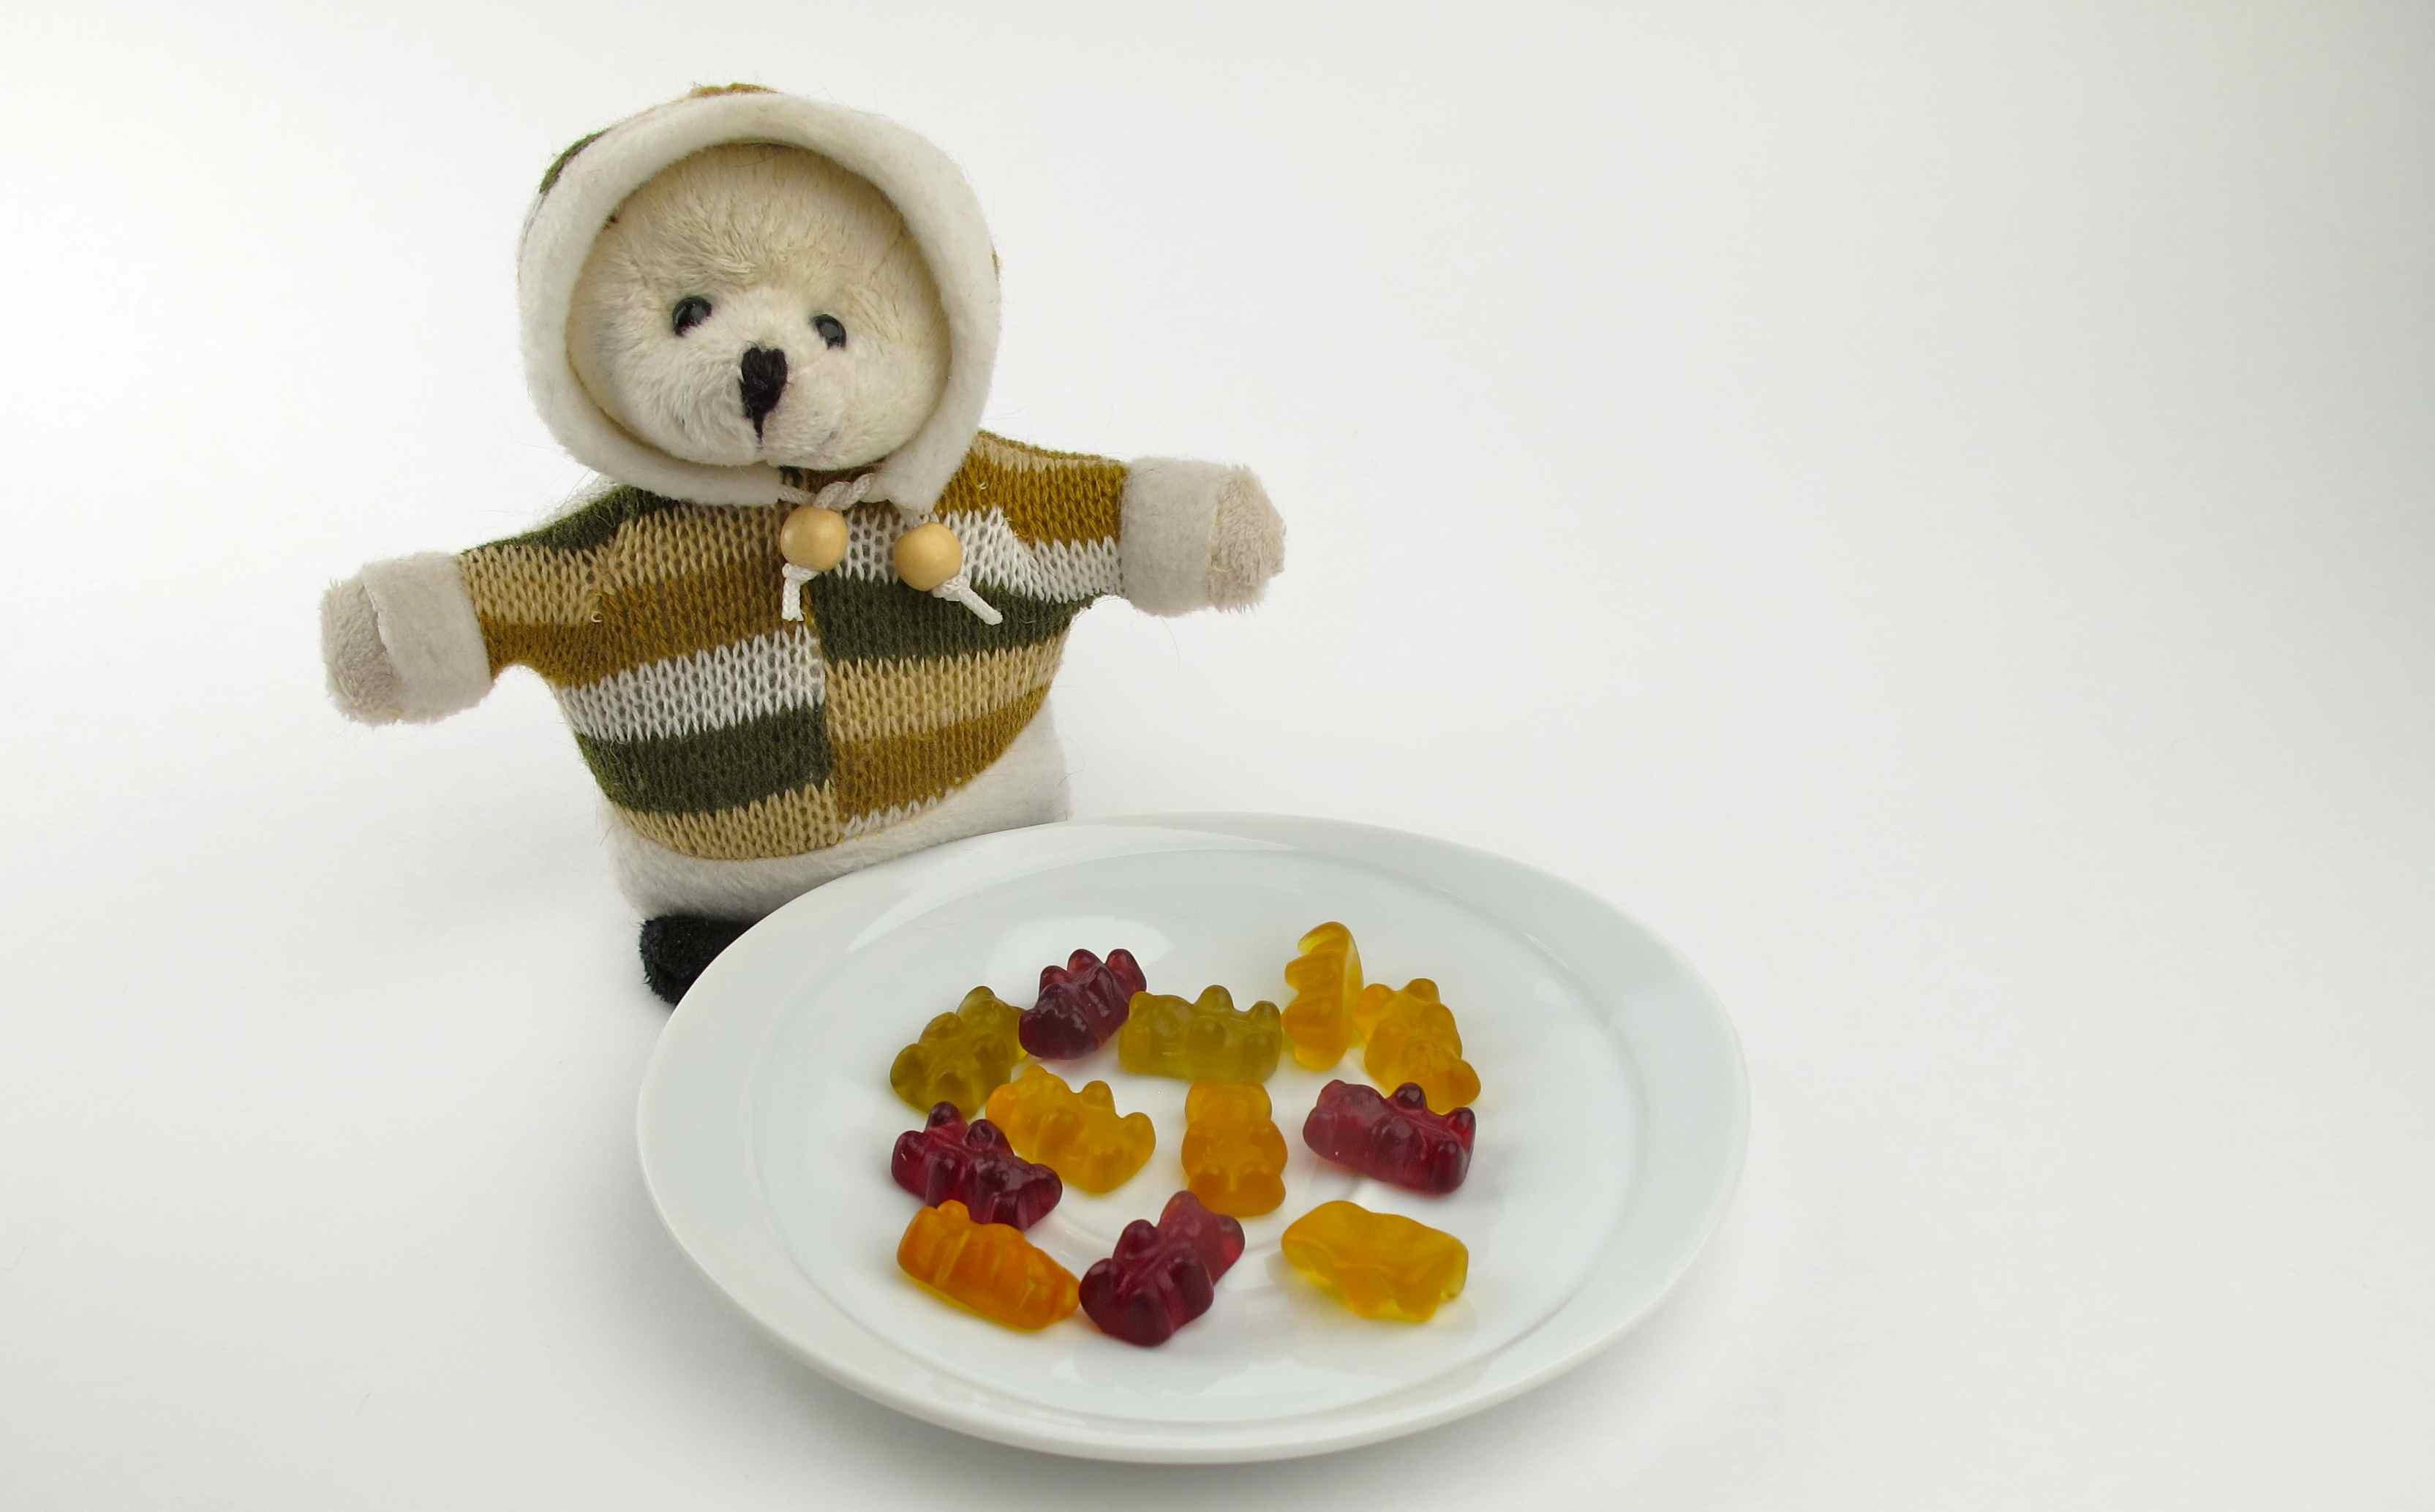 Marmelade bears Octaviy